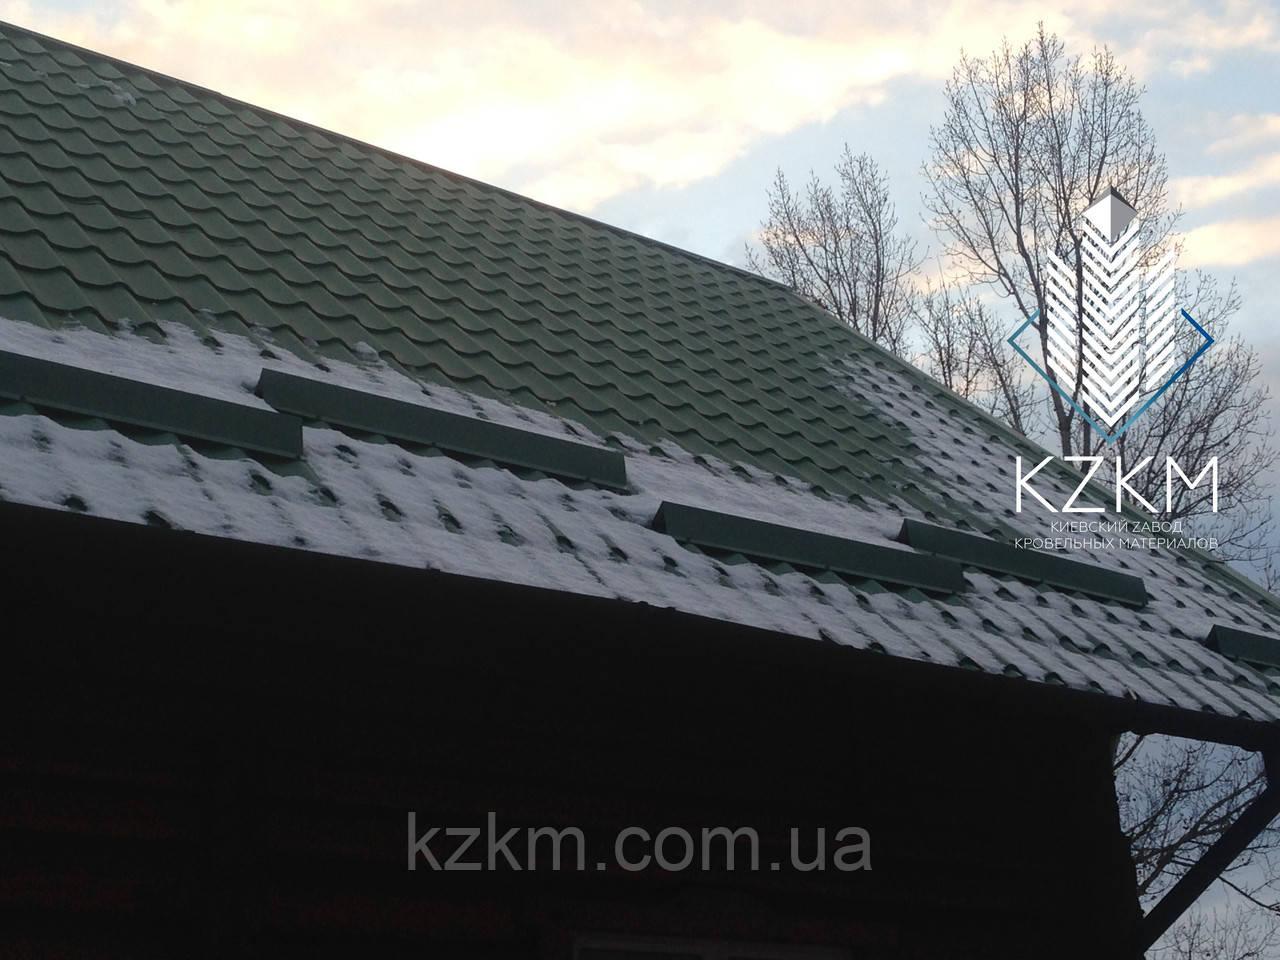 Снегозадержатель для металлочерепицы, снегозадержатель на металлочерепицу, снегозадержание на крыше